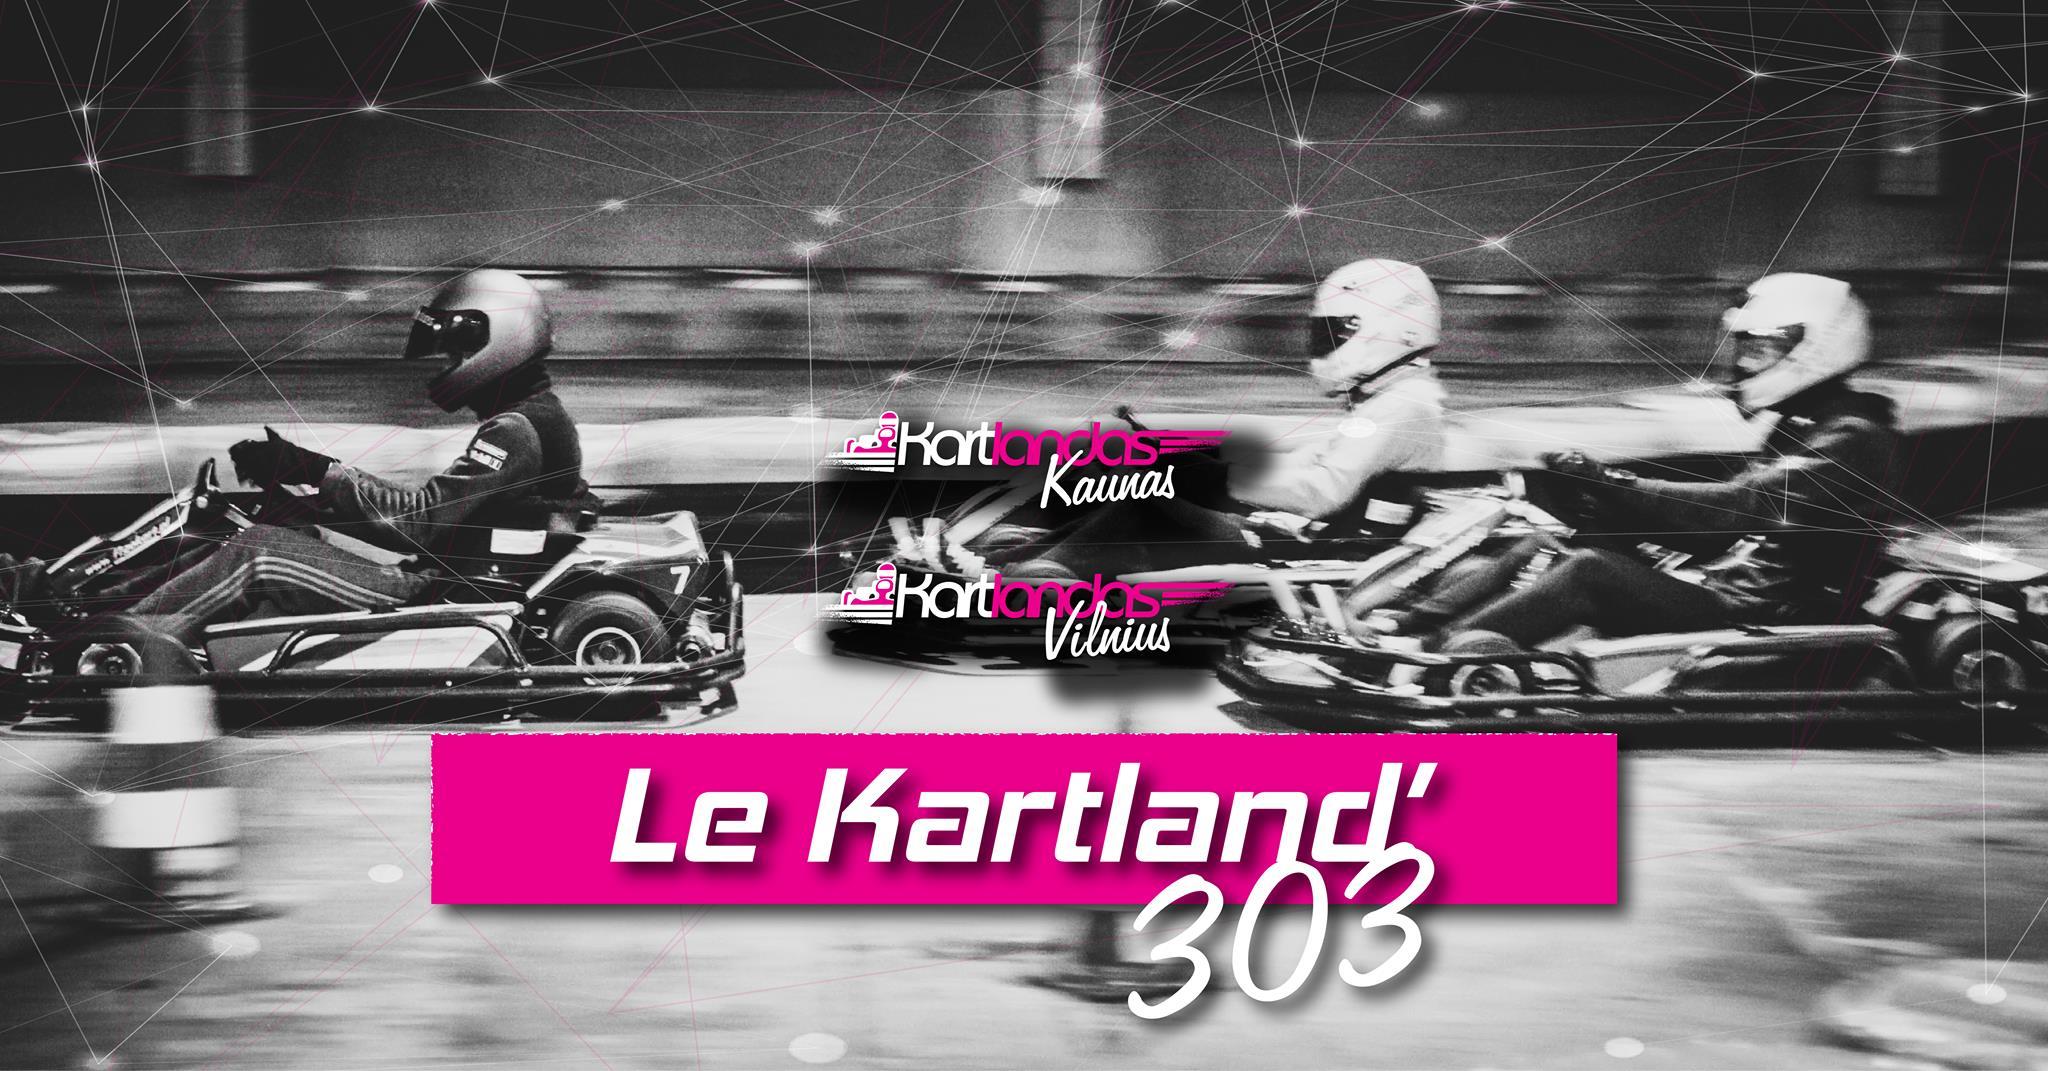 Le Kartland'303. Kaunas. 2 etapas